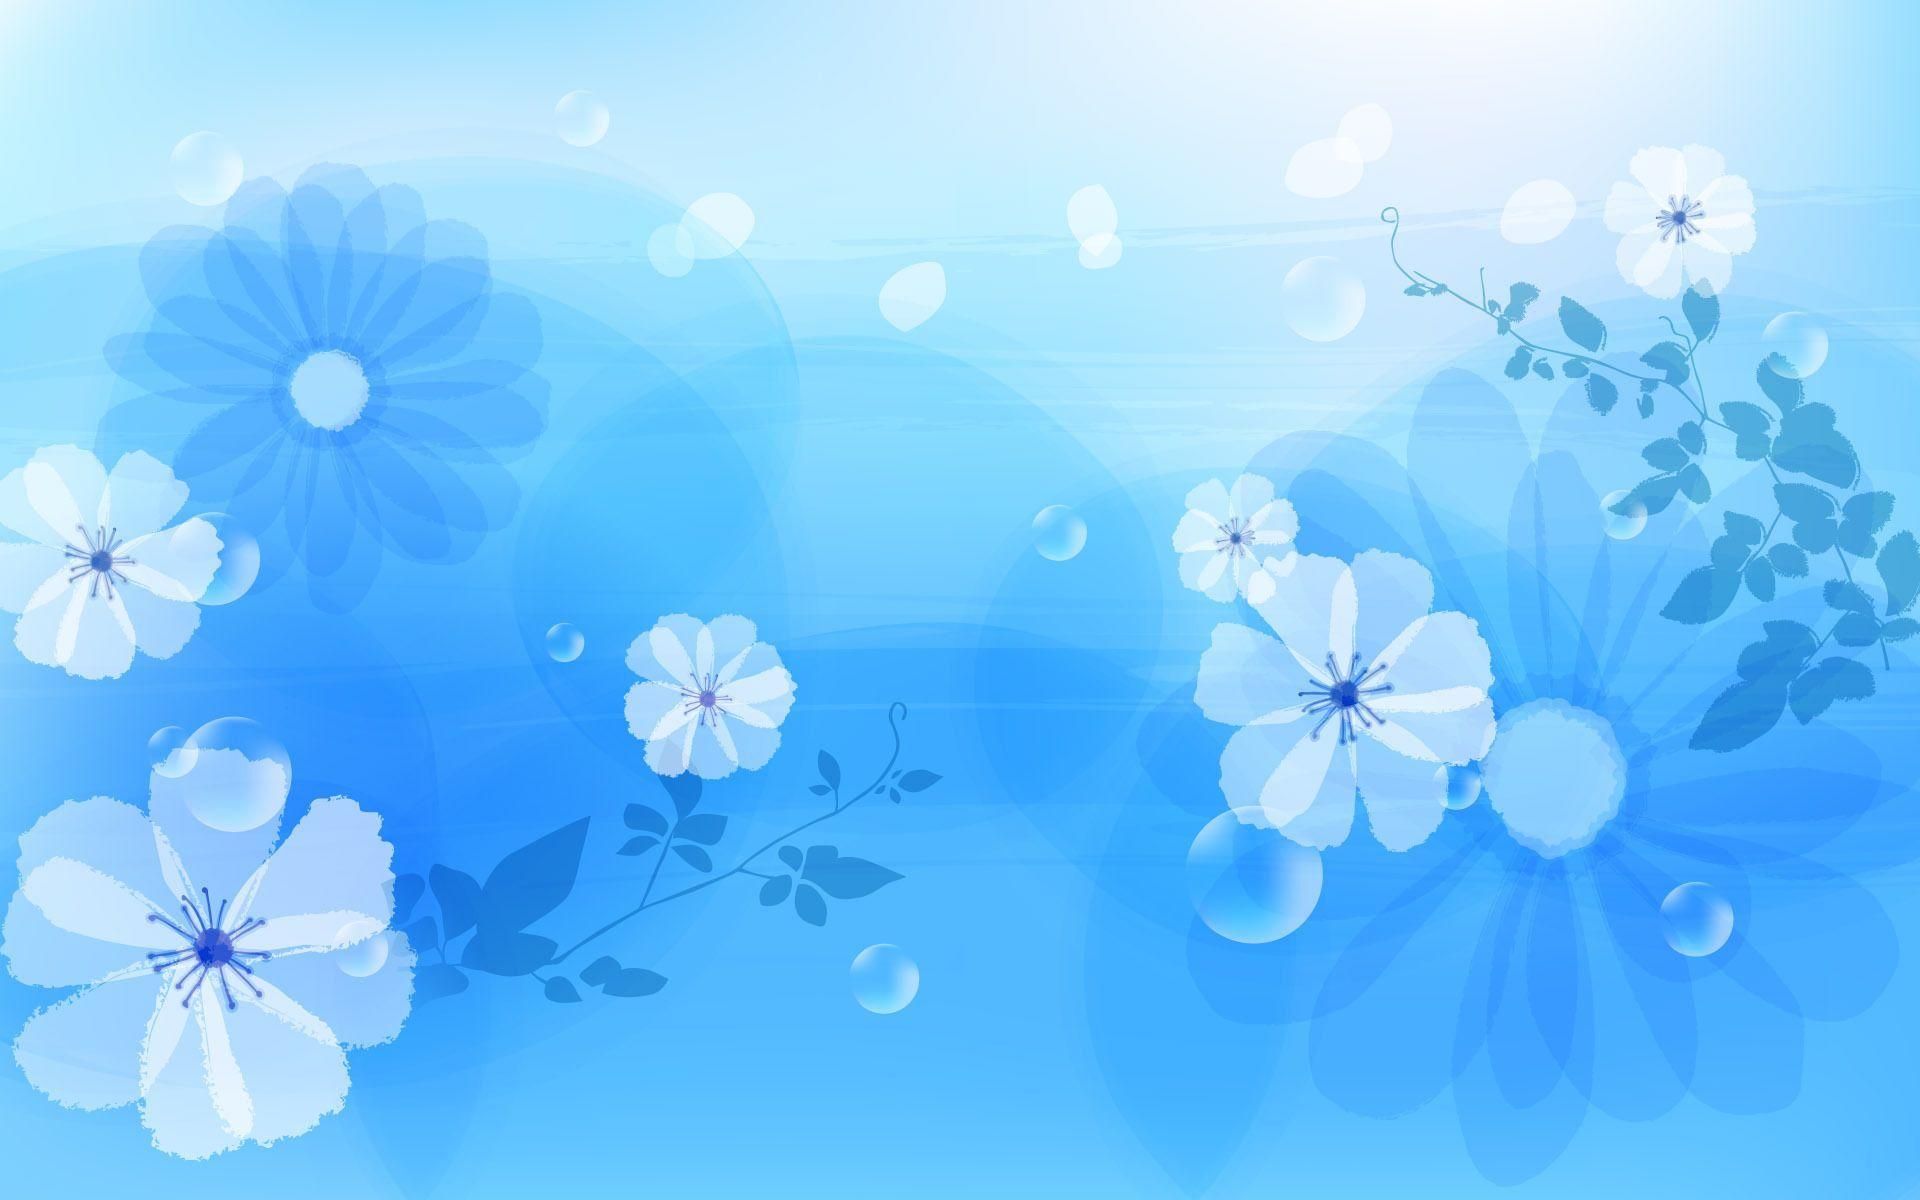 Blue Flower Wallpaper Designs